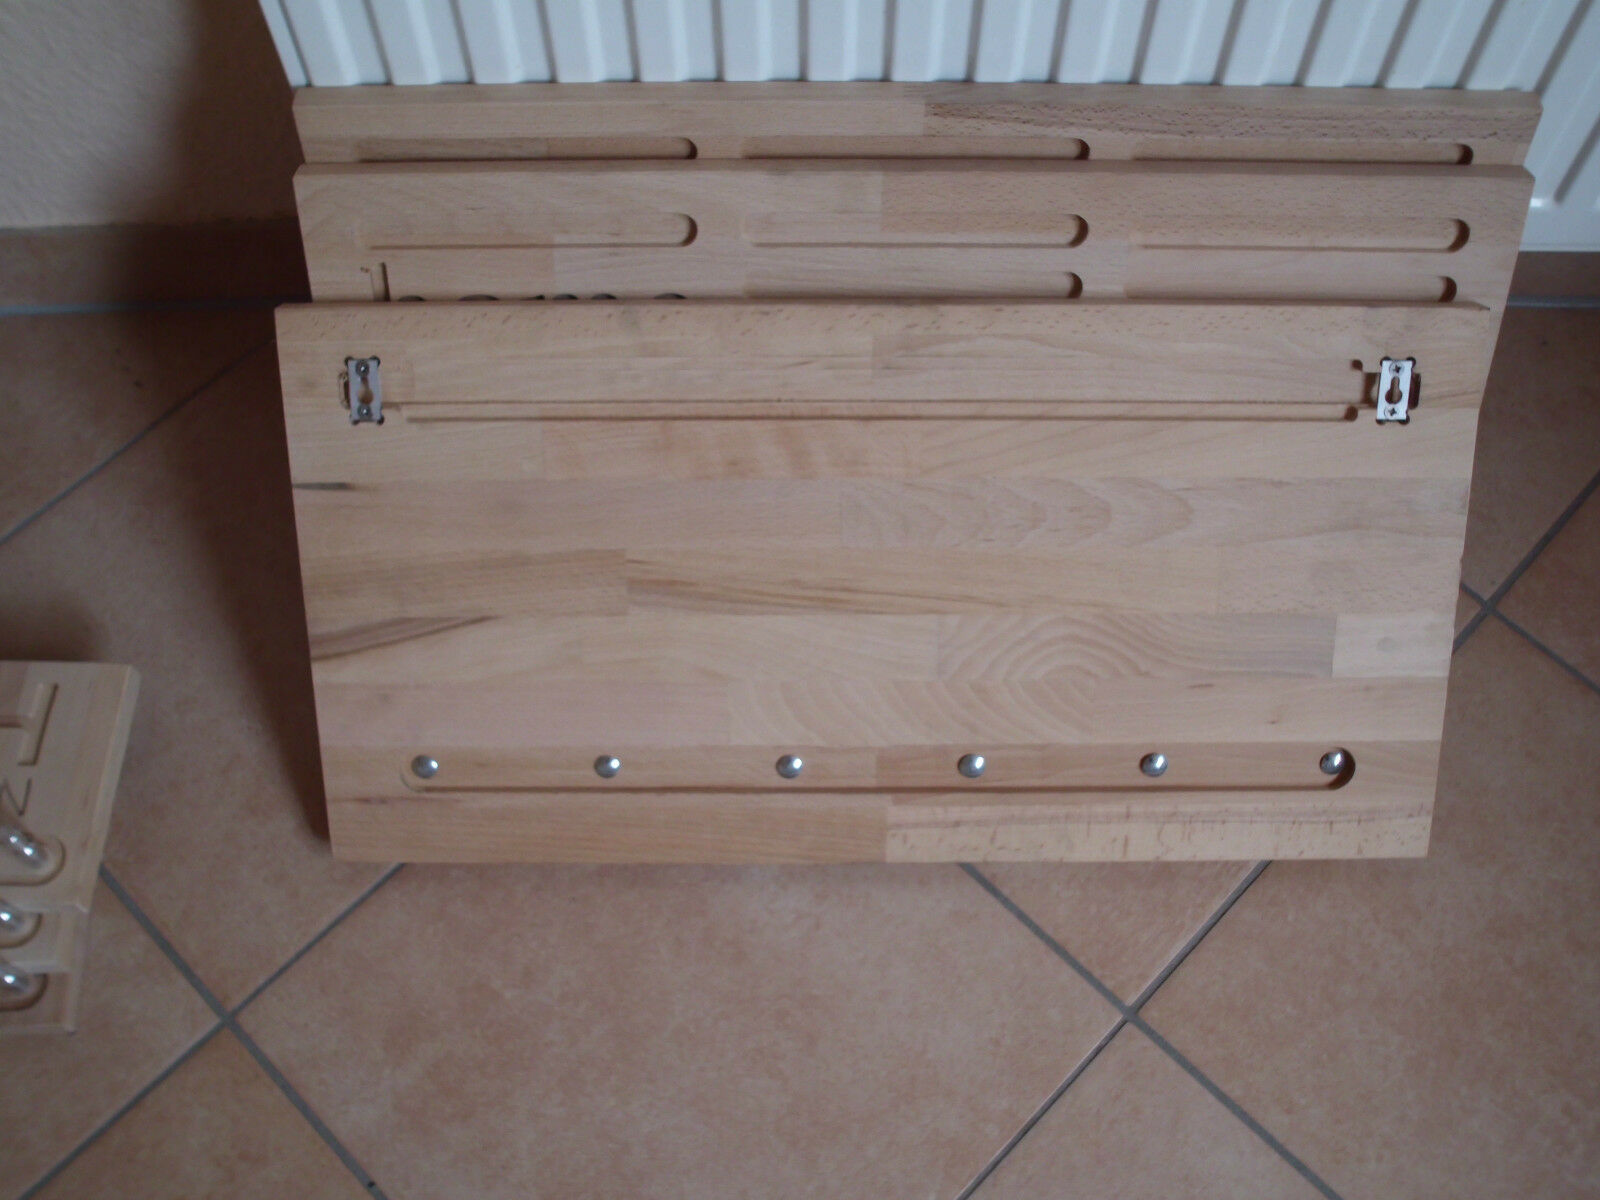 Flurgarderobe Wandgarderobe Garderobe Garderobe Garderobe Family 60x30cm CNC gefräst | Ausgang  3afe06